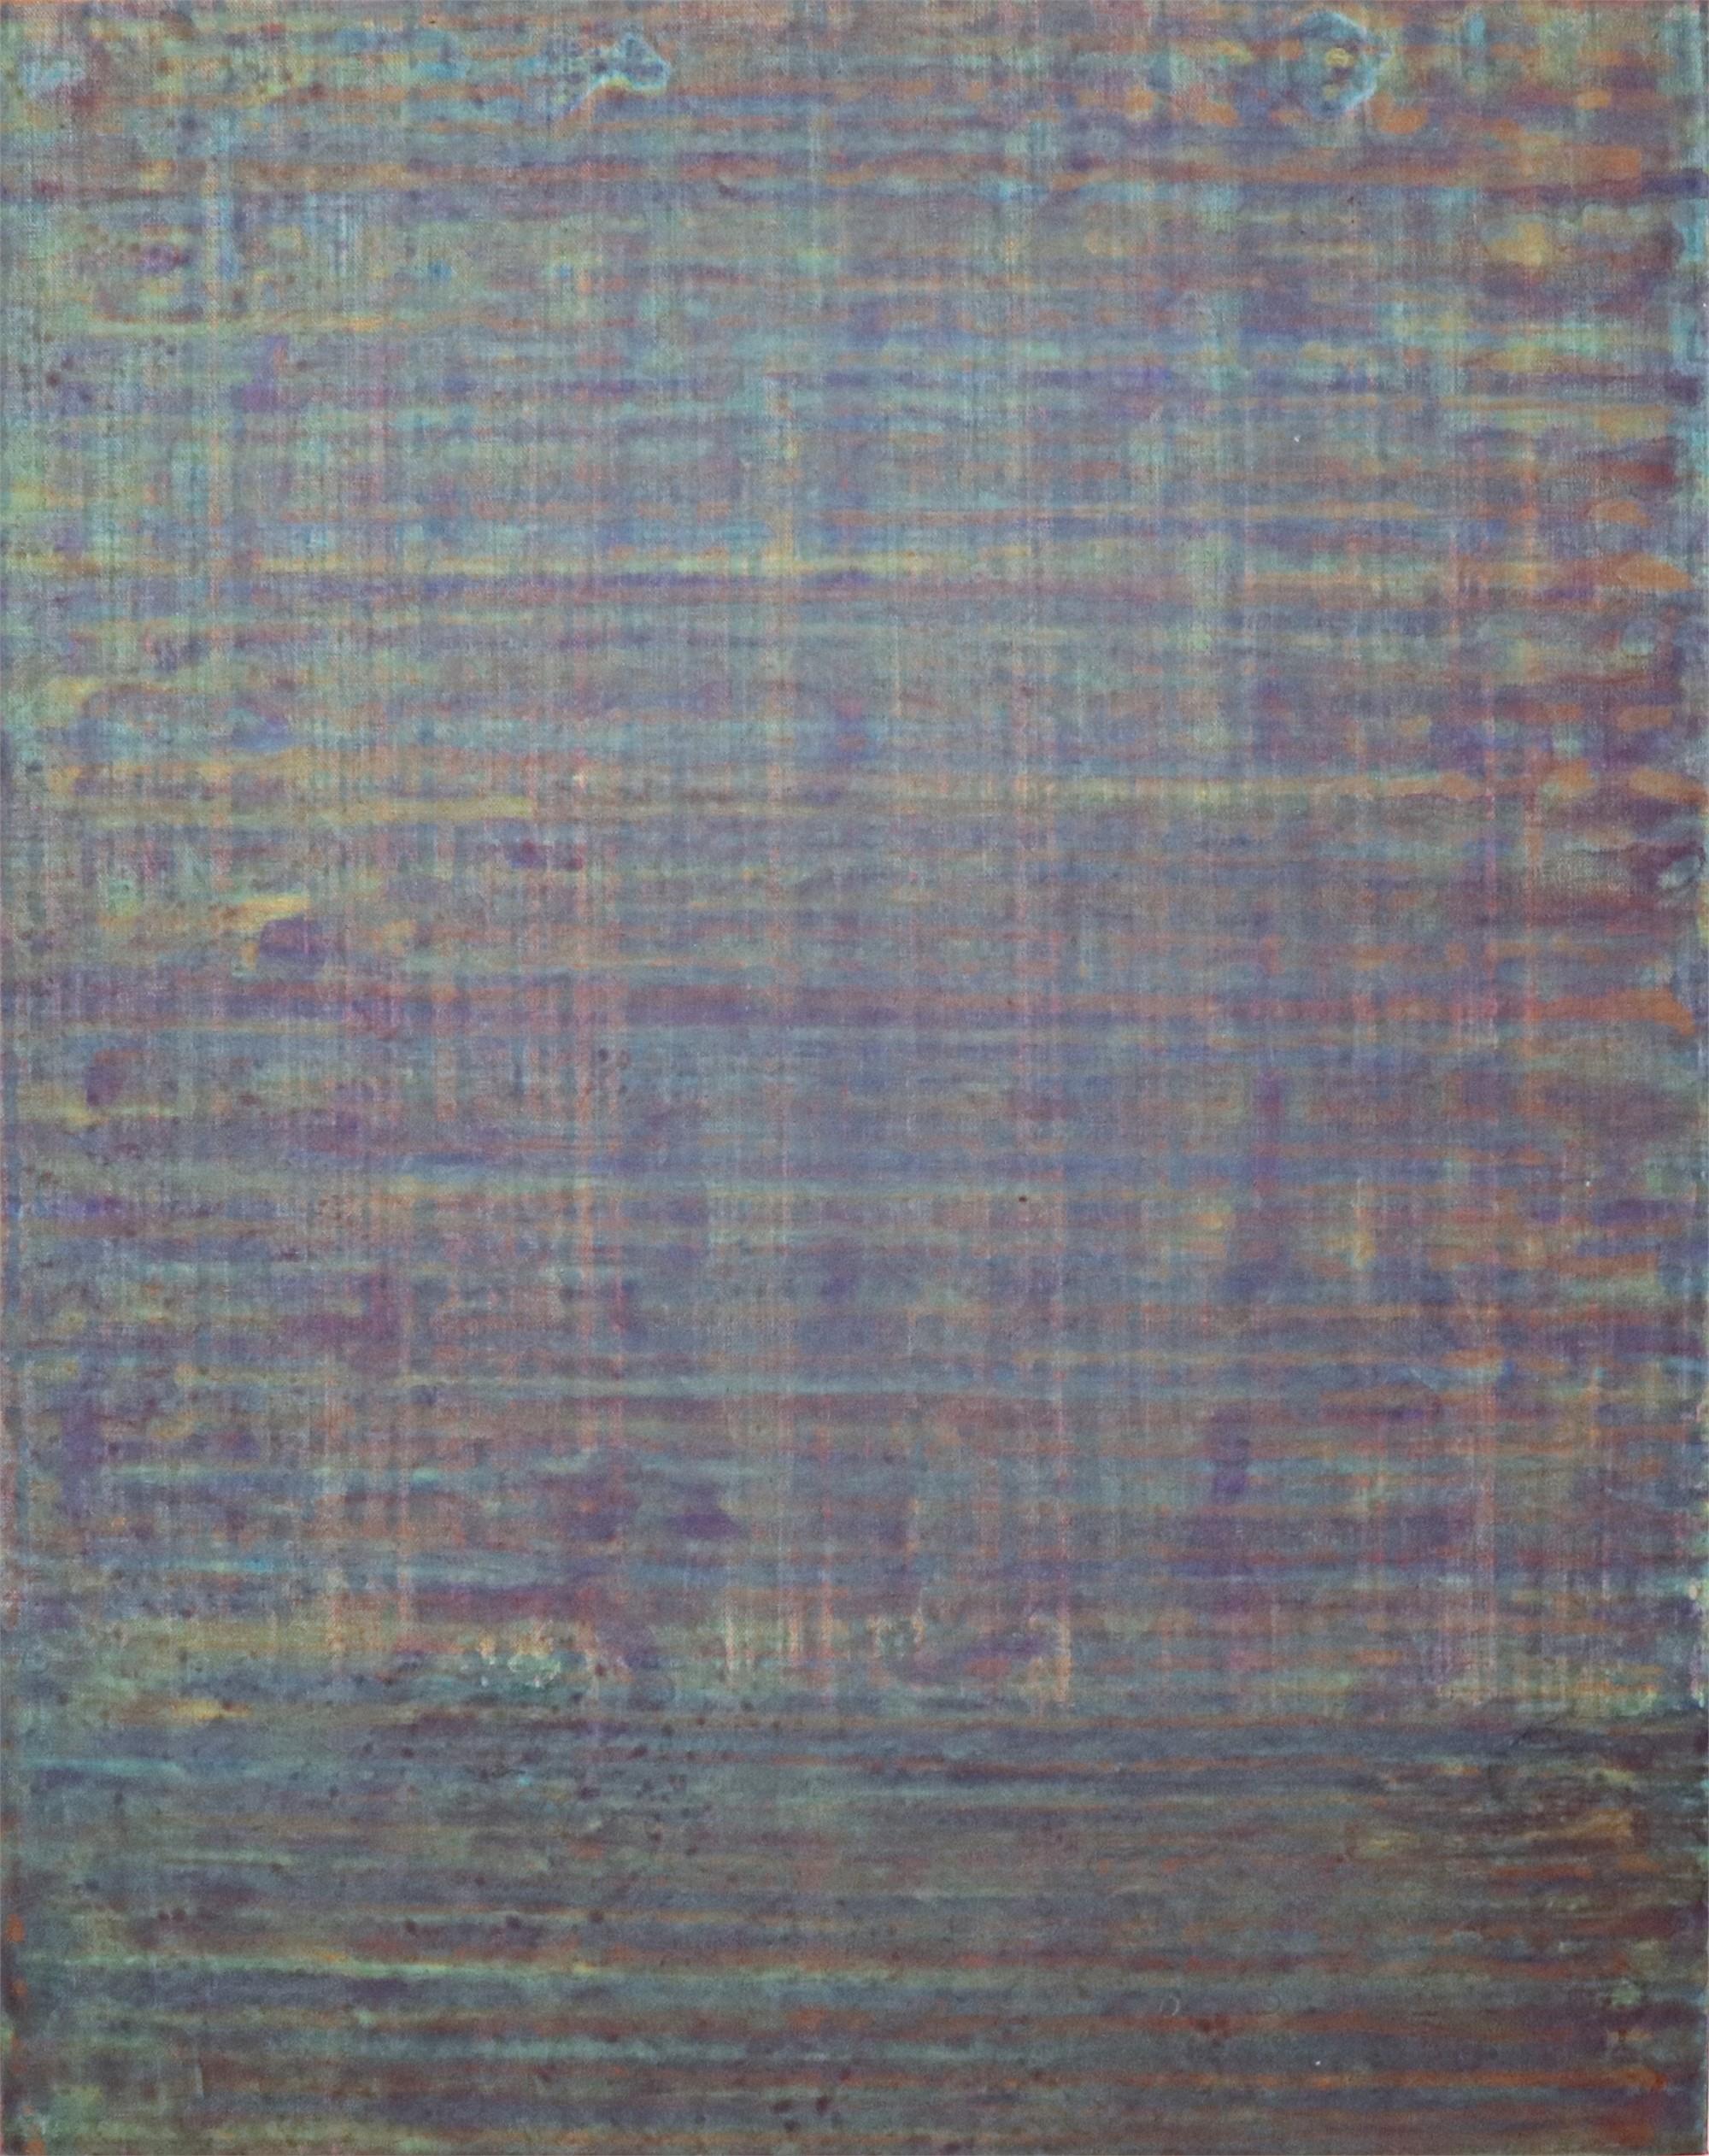 Lapis Tapestry I by Steven Anton Rehage